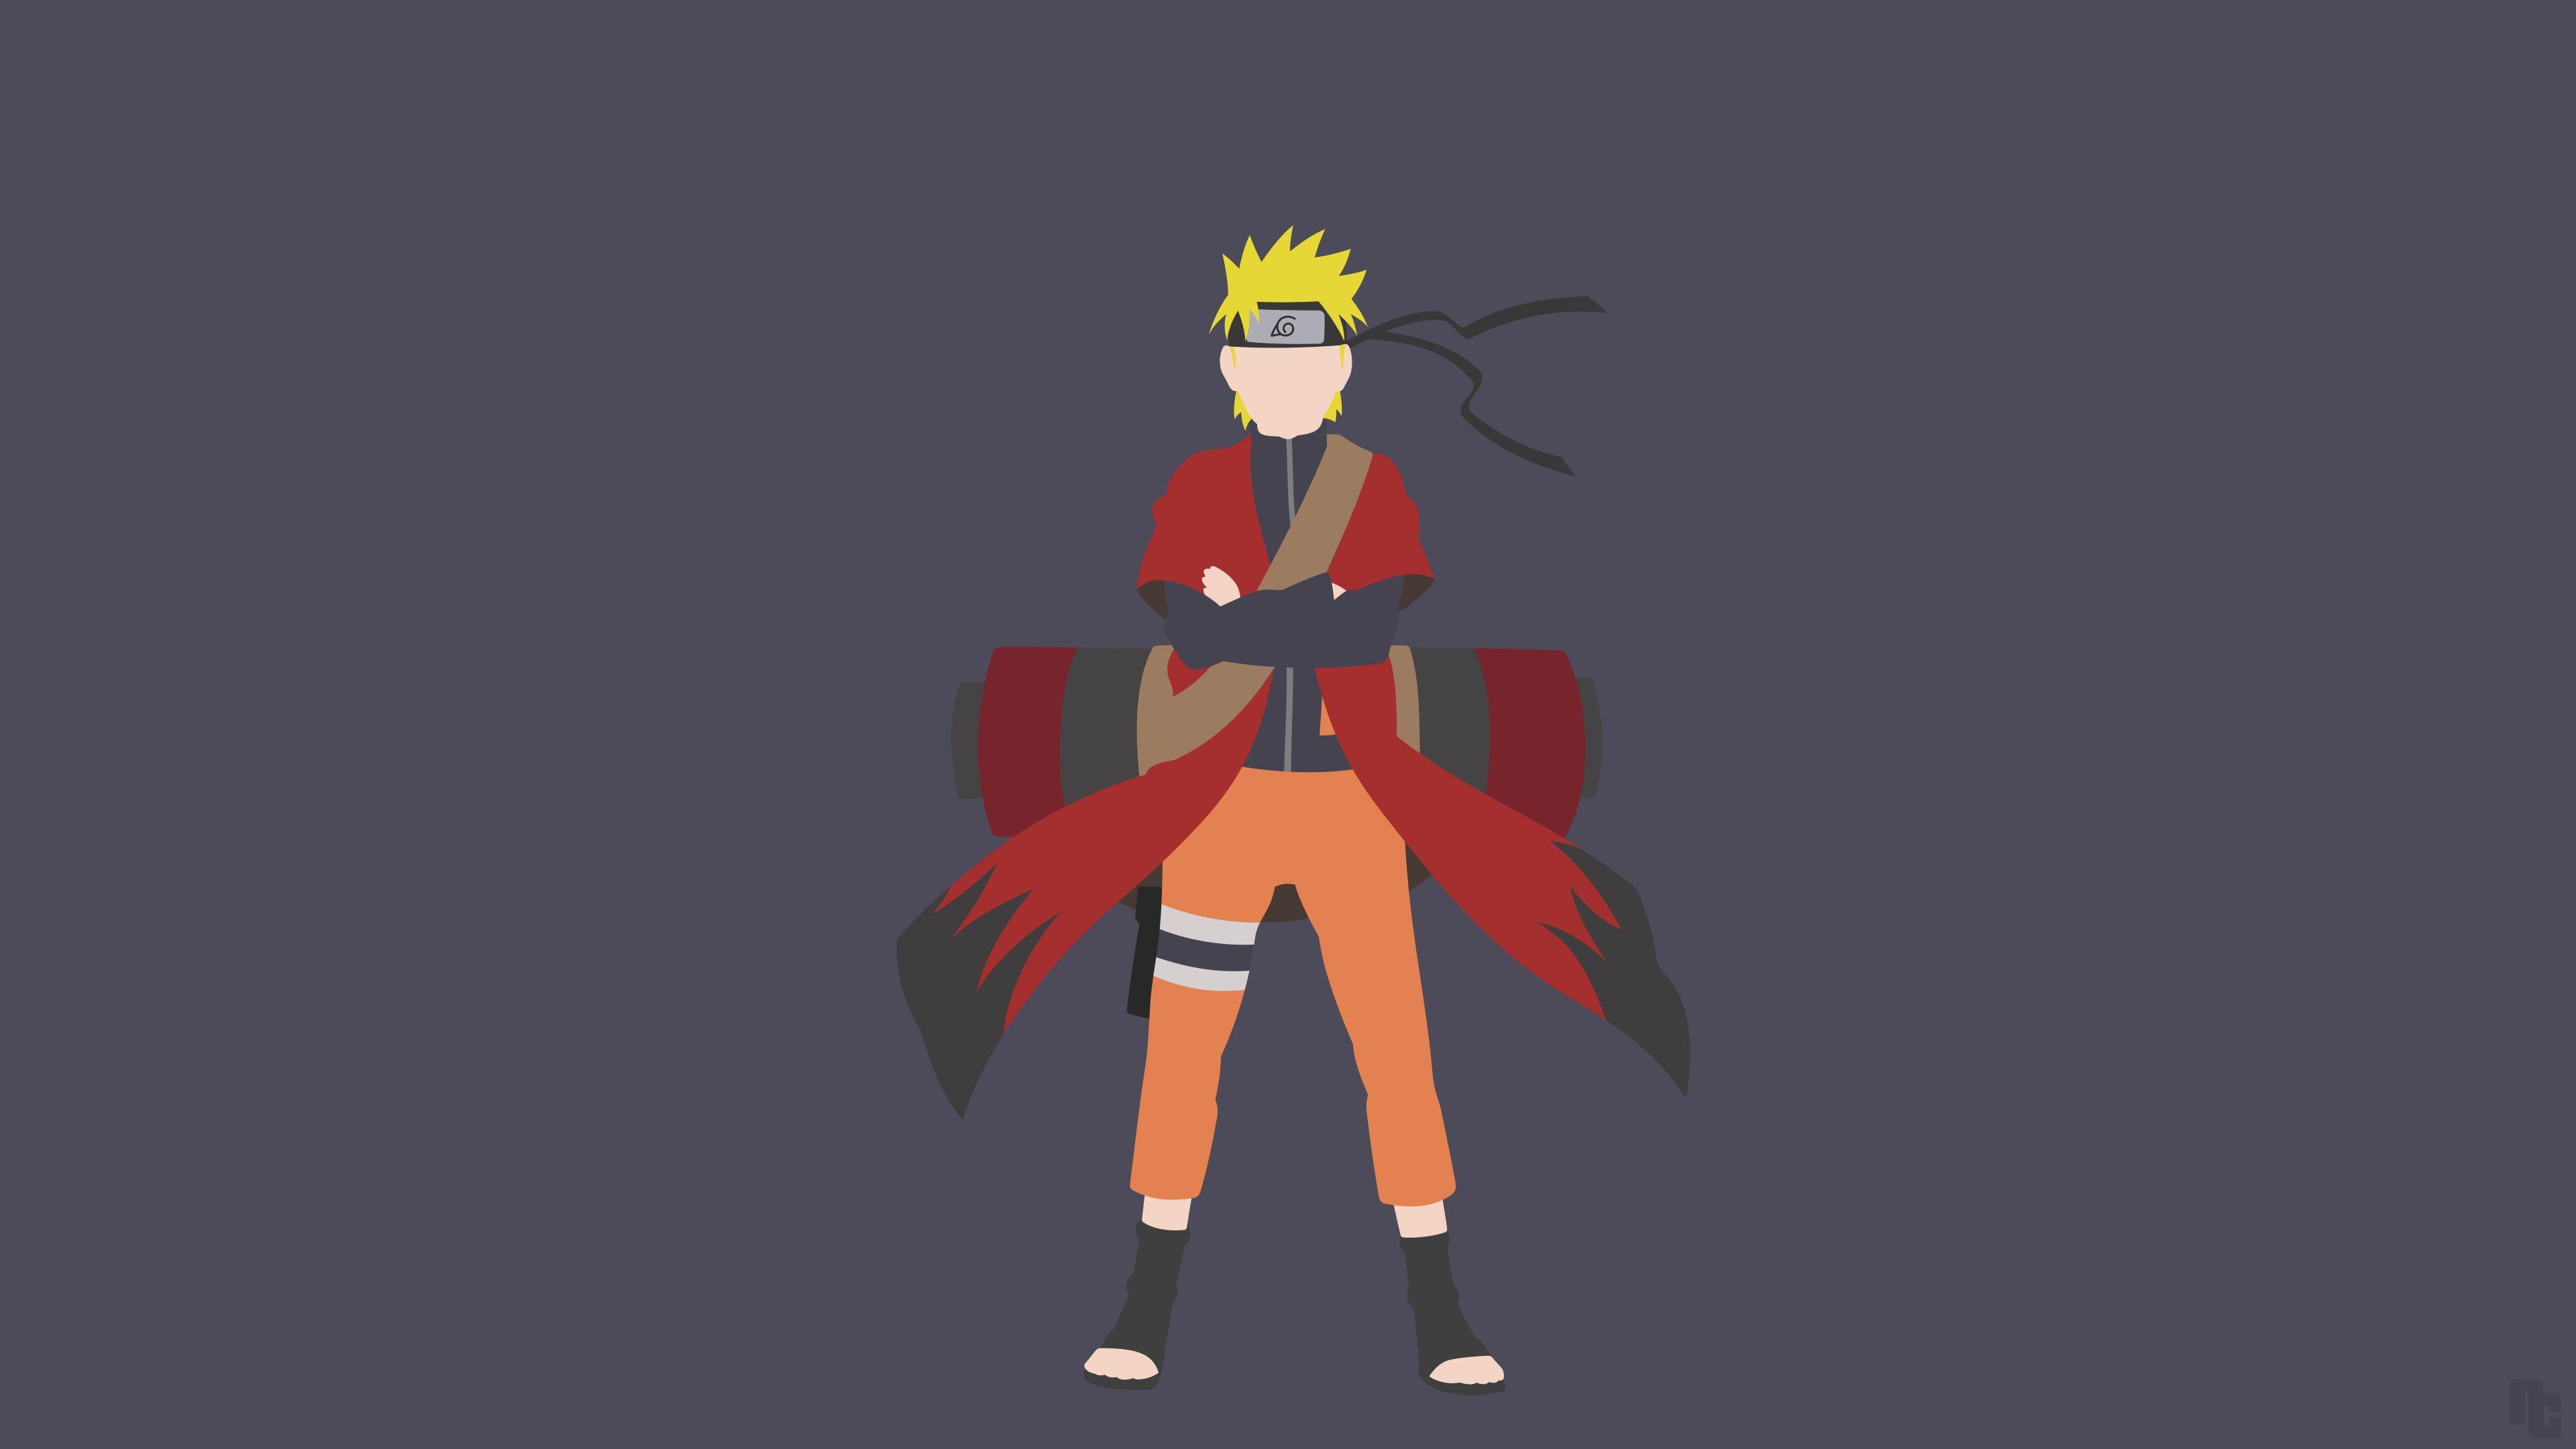 Anime Naruto Shippuuden Uzumaki Naruto Minimalism 4k Wallpaper